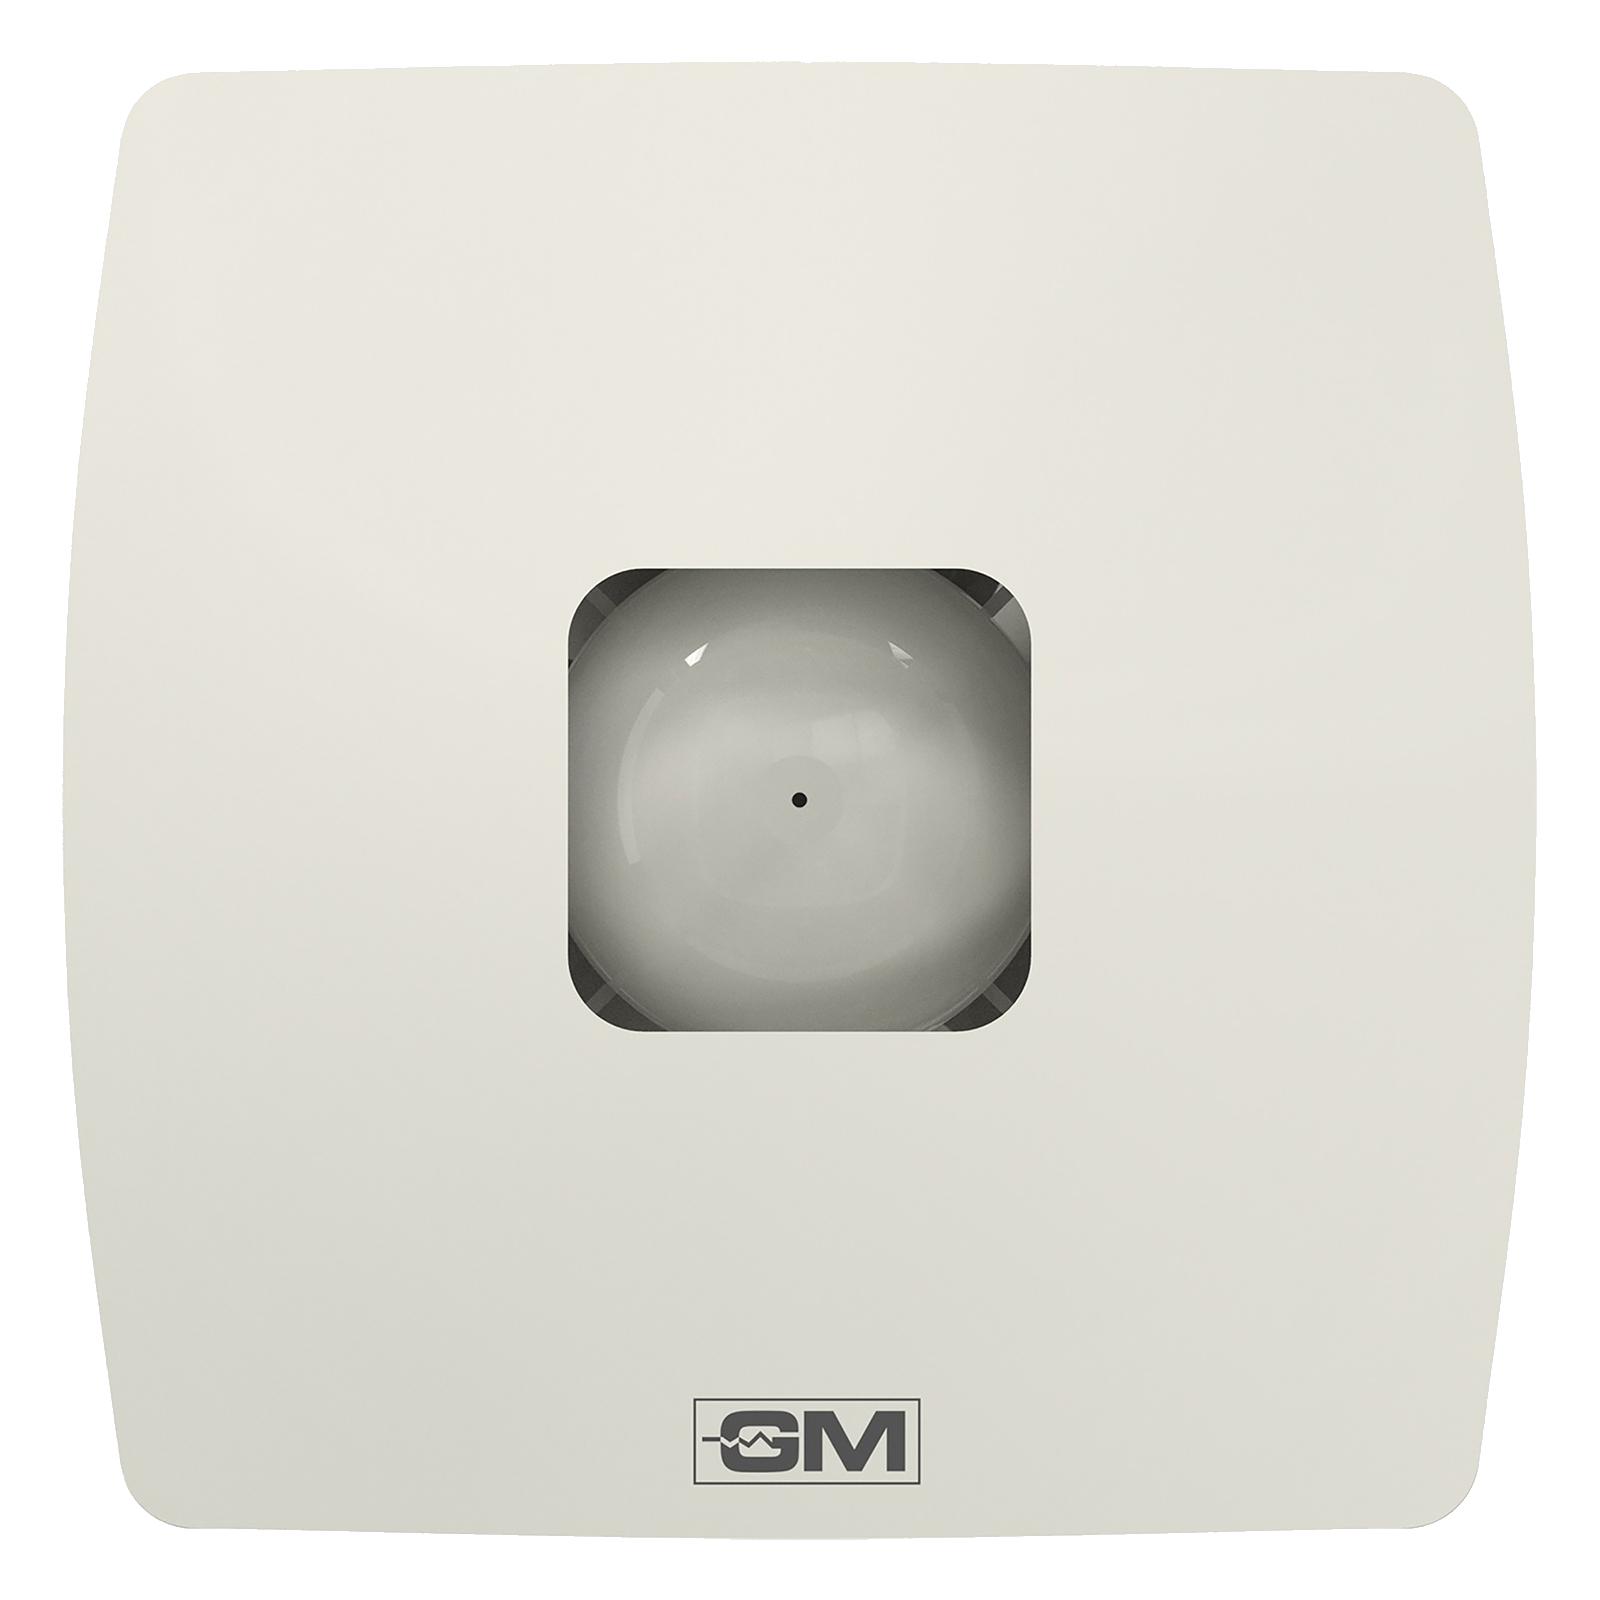 GM Afresho 15 cm Sweep Exhaust Fan (Noiseless Fan, VFI060042IVGL, White)_1